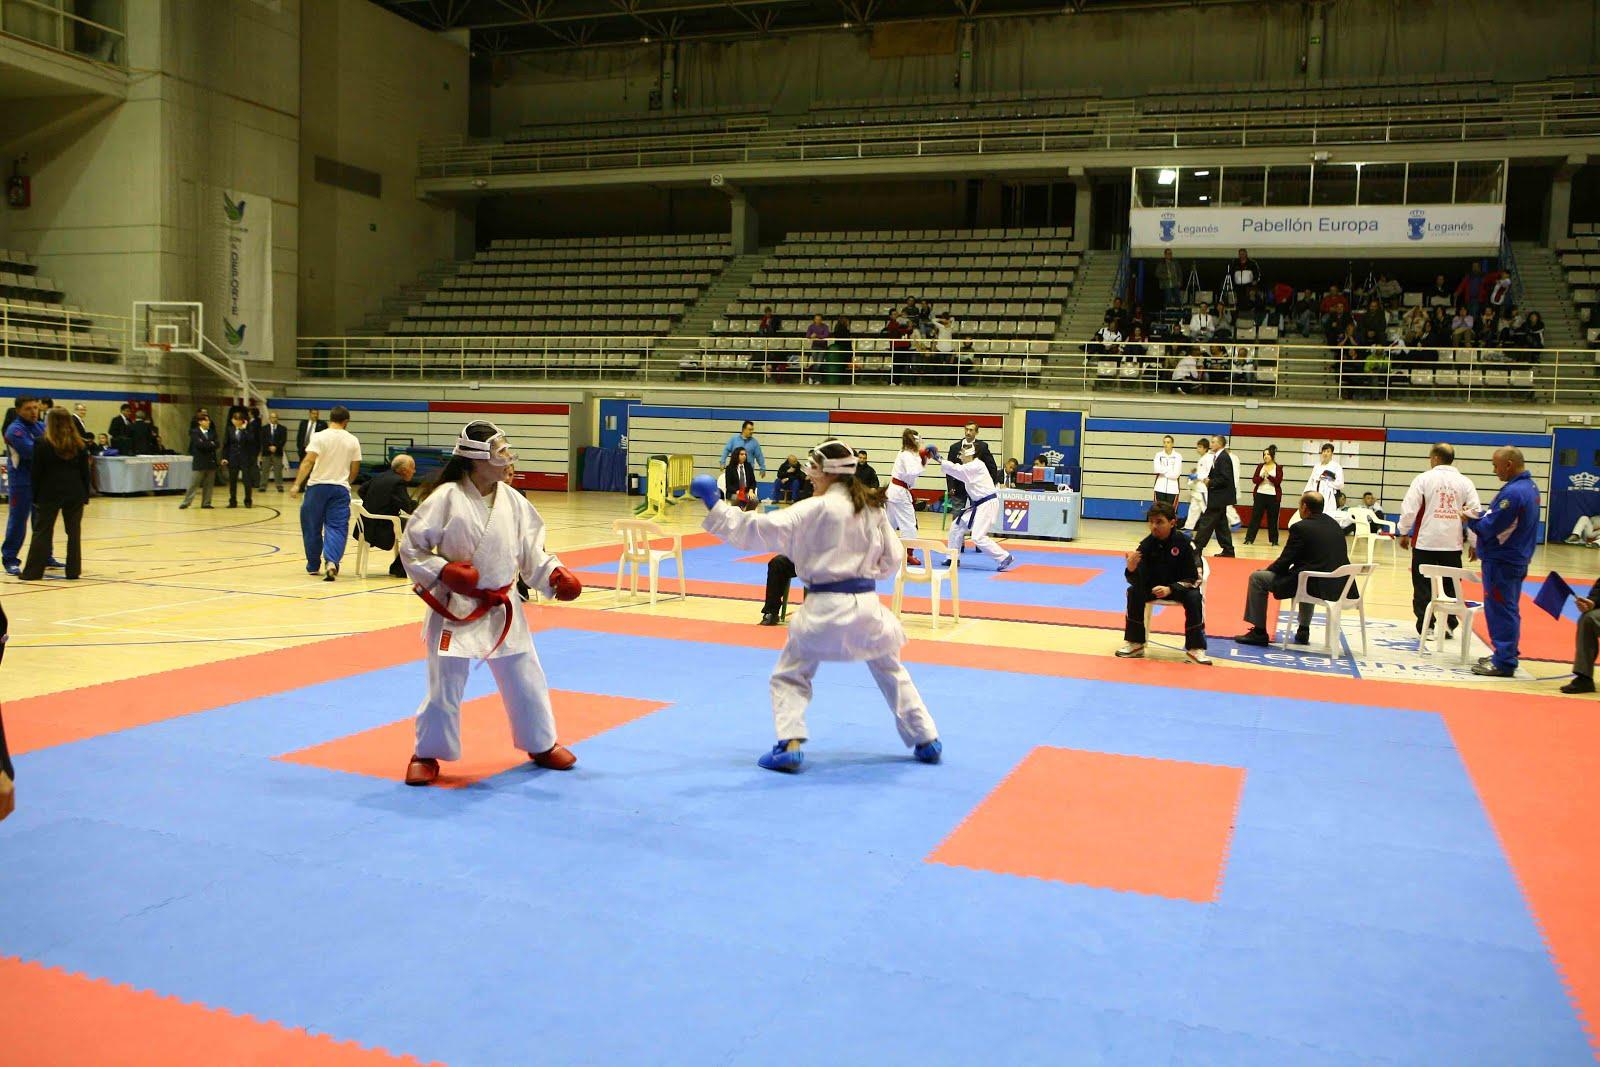 Se celebr en el pabell n europa el campeonato de madrid - Pabellon de deportes de madrid ...